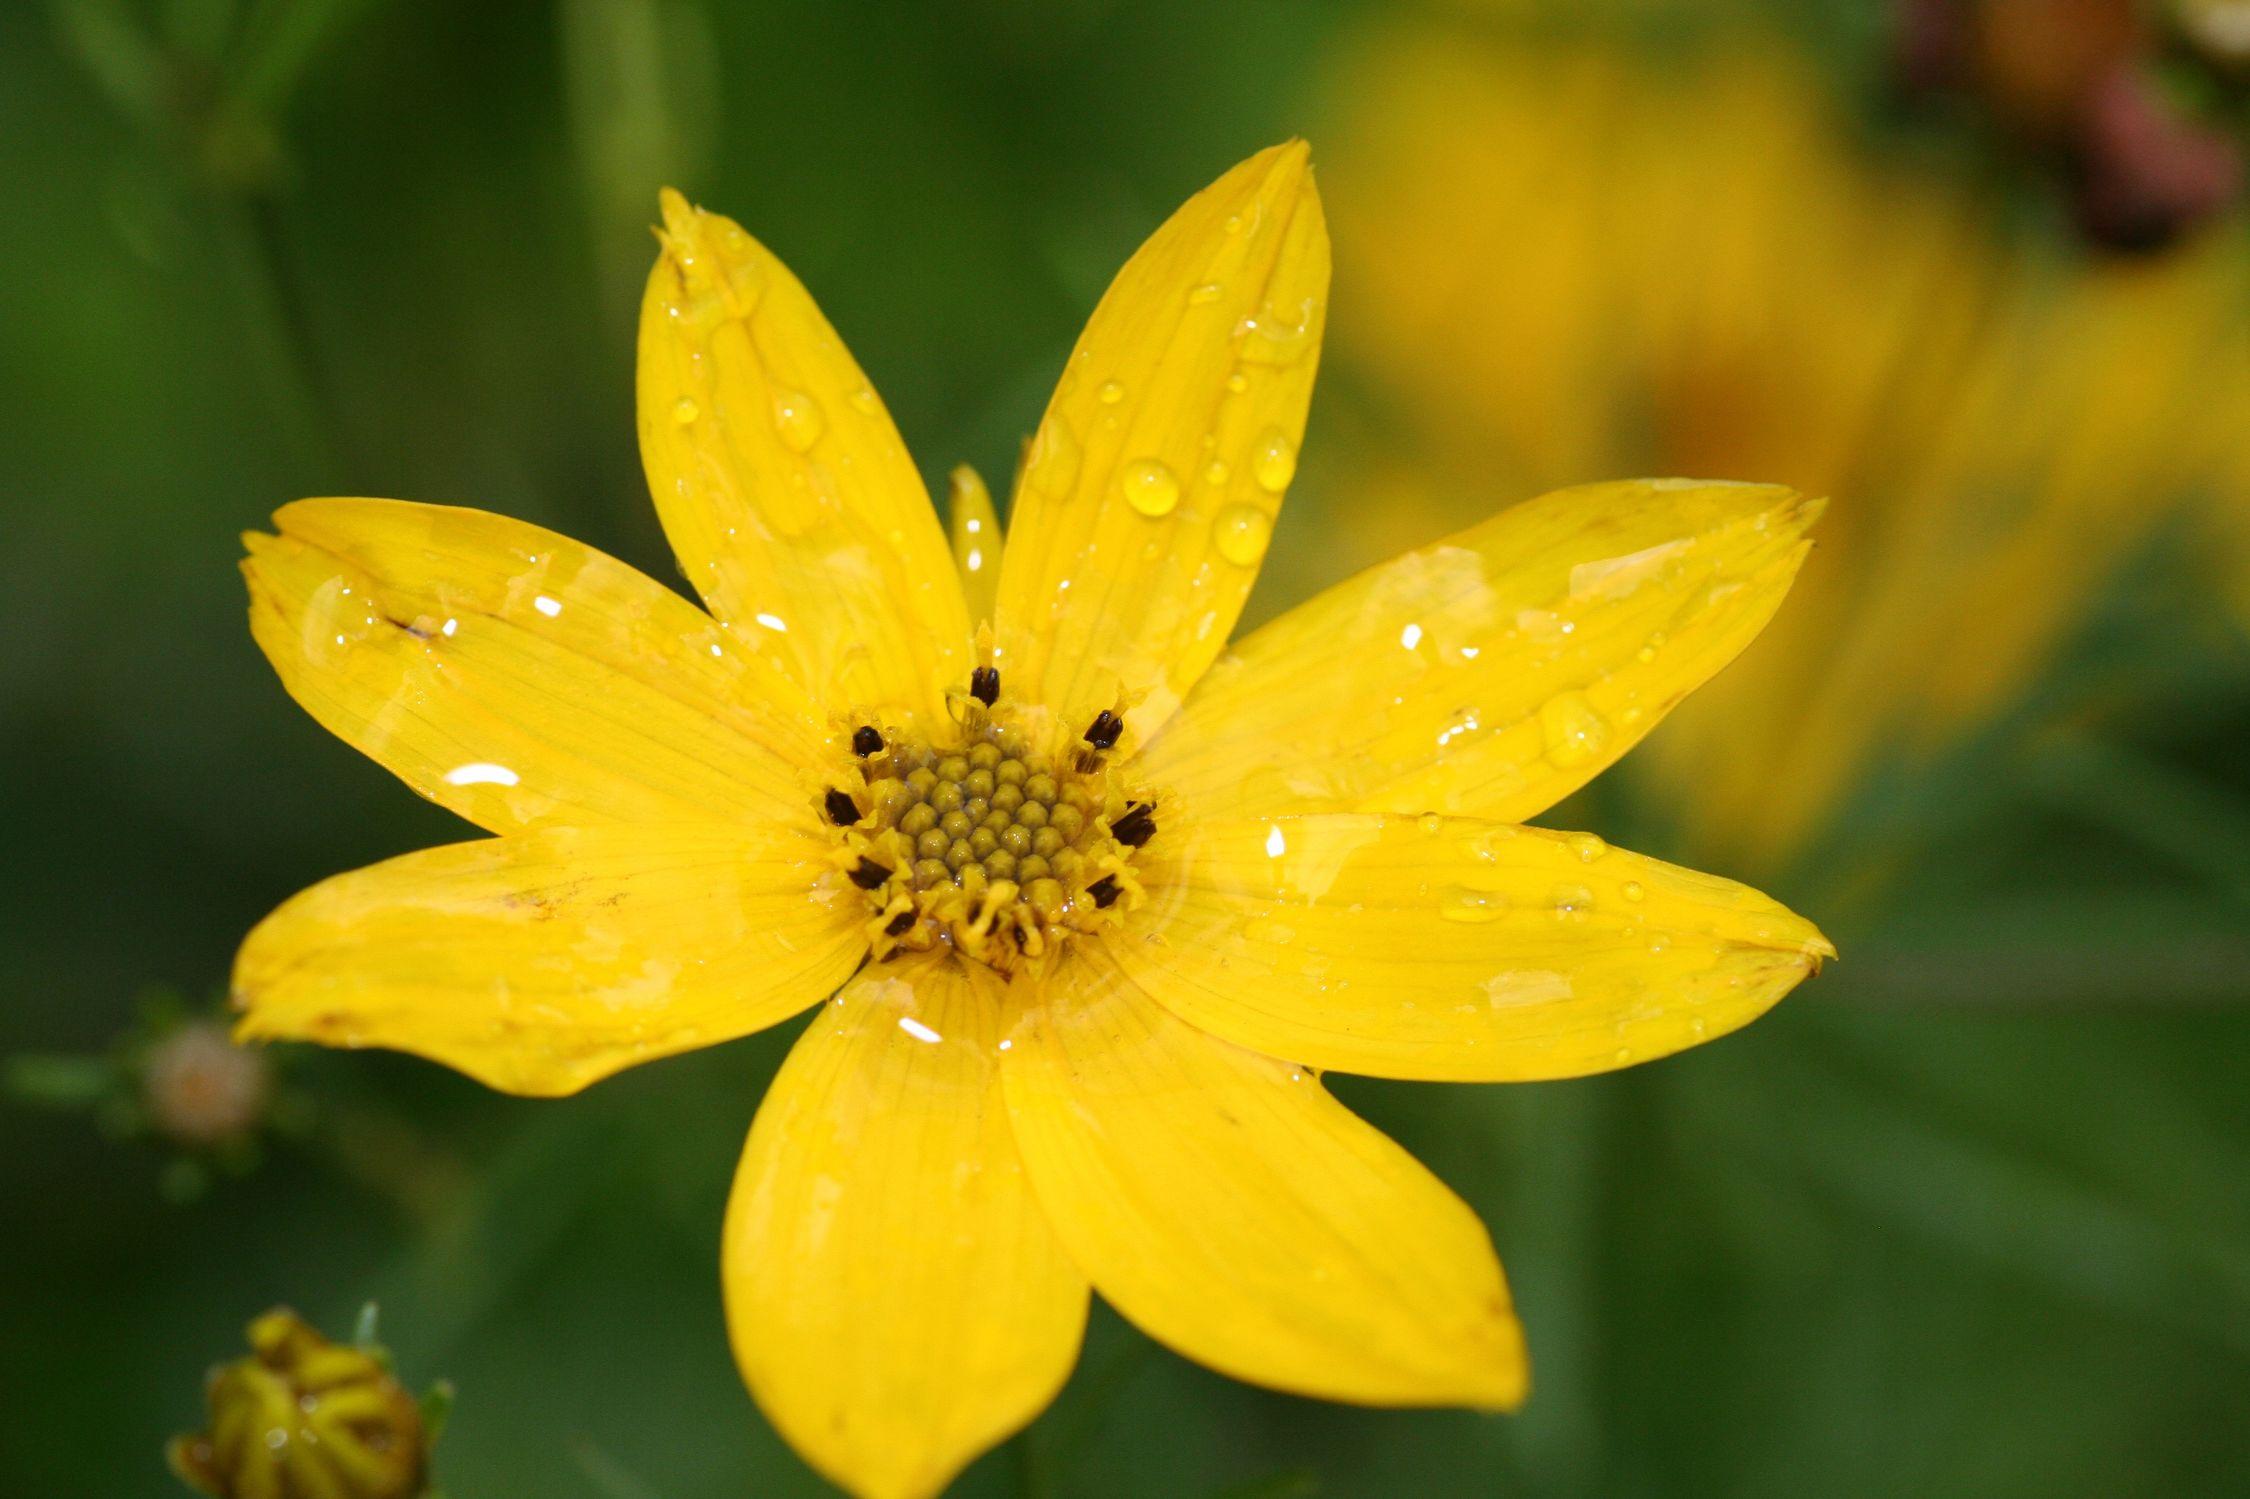 Bild mit Farben, Gelb, Natur, Pflanzen, Blumen, Makrofotografie, Blume, Pflanze